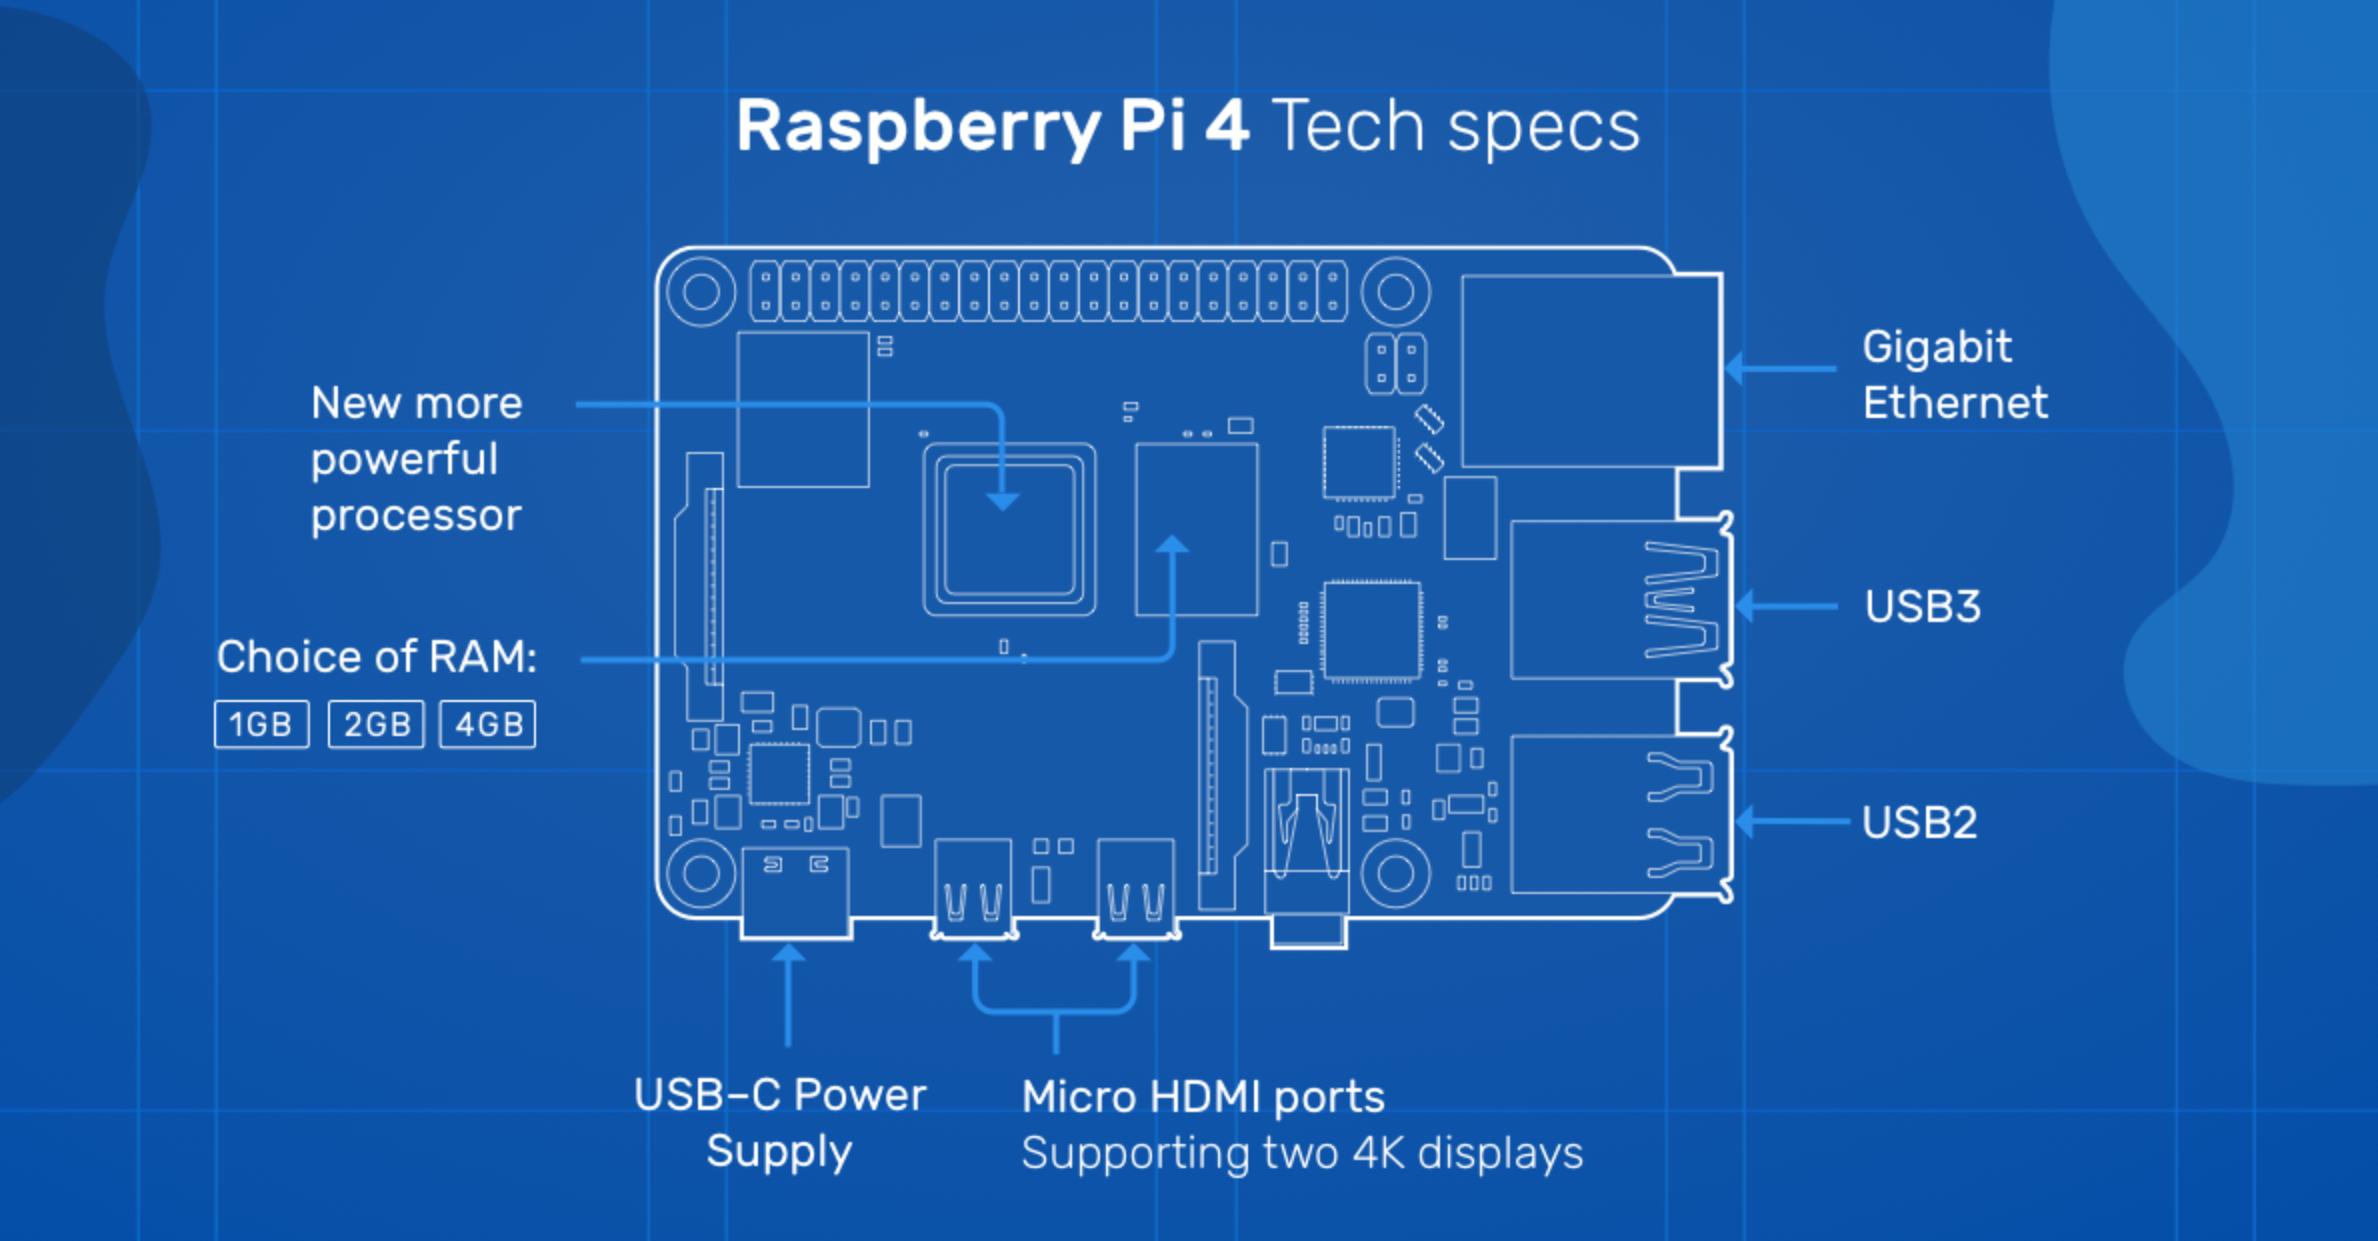 Chcesz kupić Raspberry Pi 4? Poczekaj z zakupem jeszcze chwilę